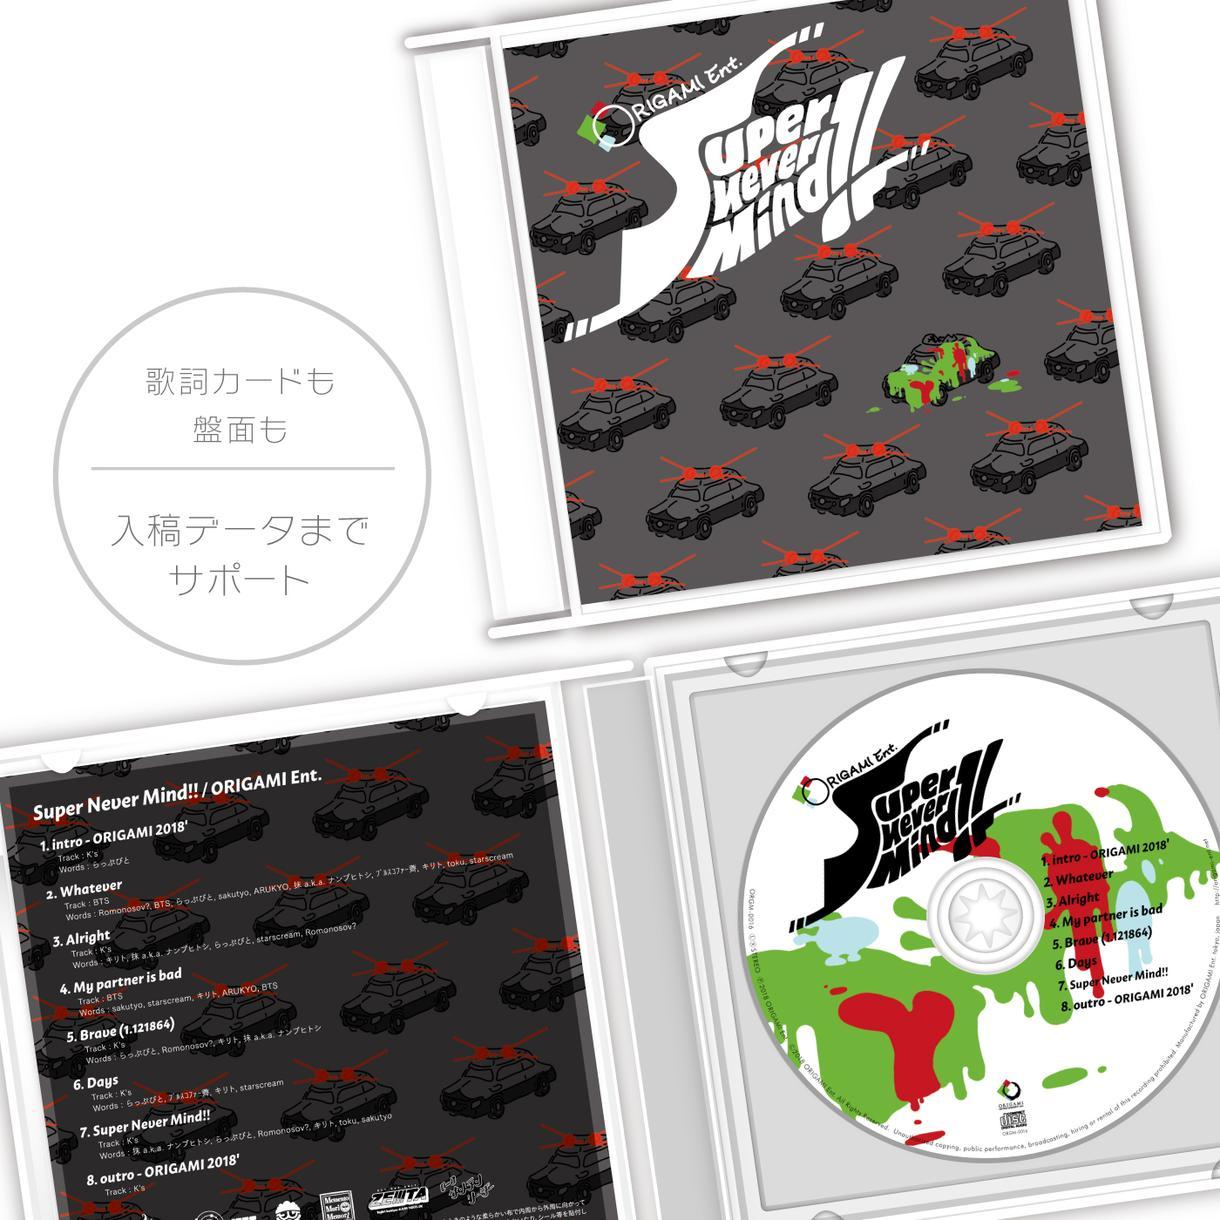 CDデザインまるごと一式完全入稿データまで承ります CD制作経験豊富なデザイナーが歌詞カードからサポートします イメージ1